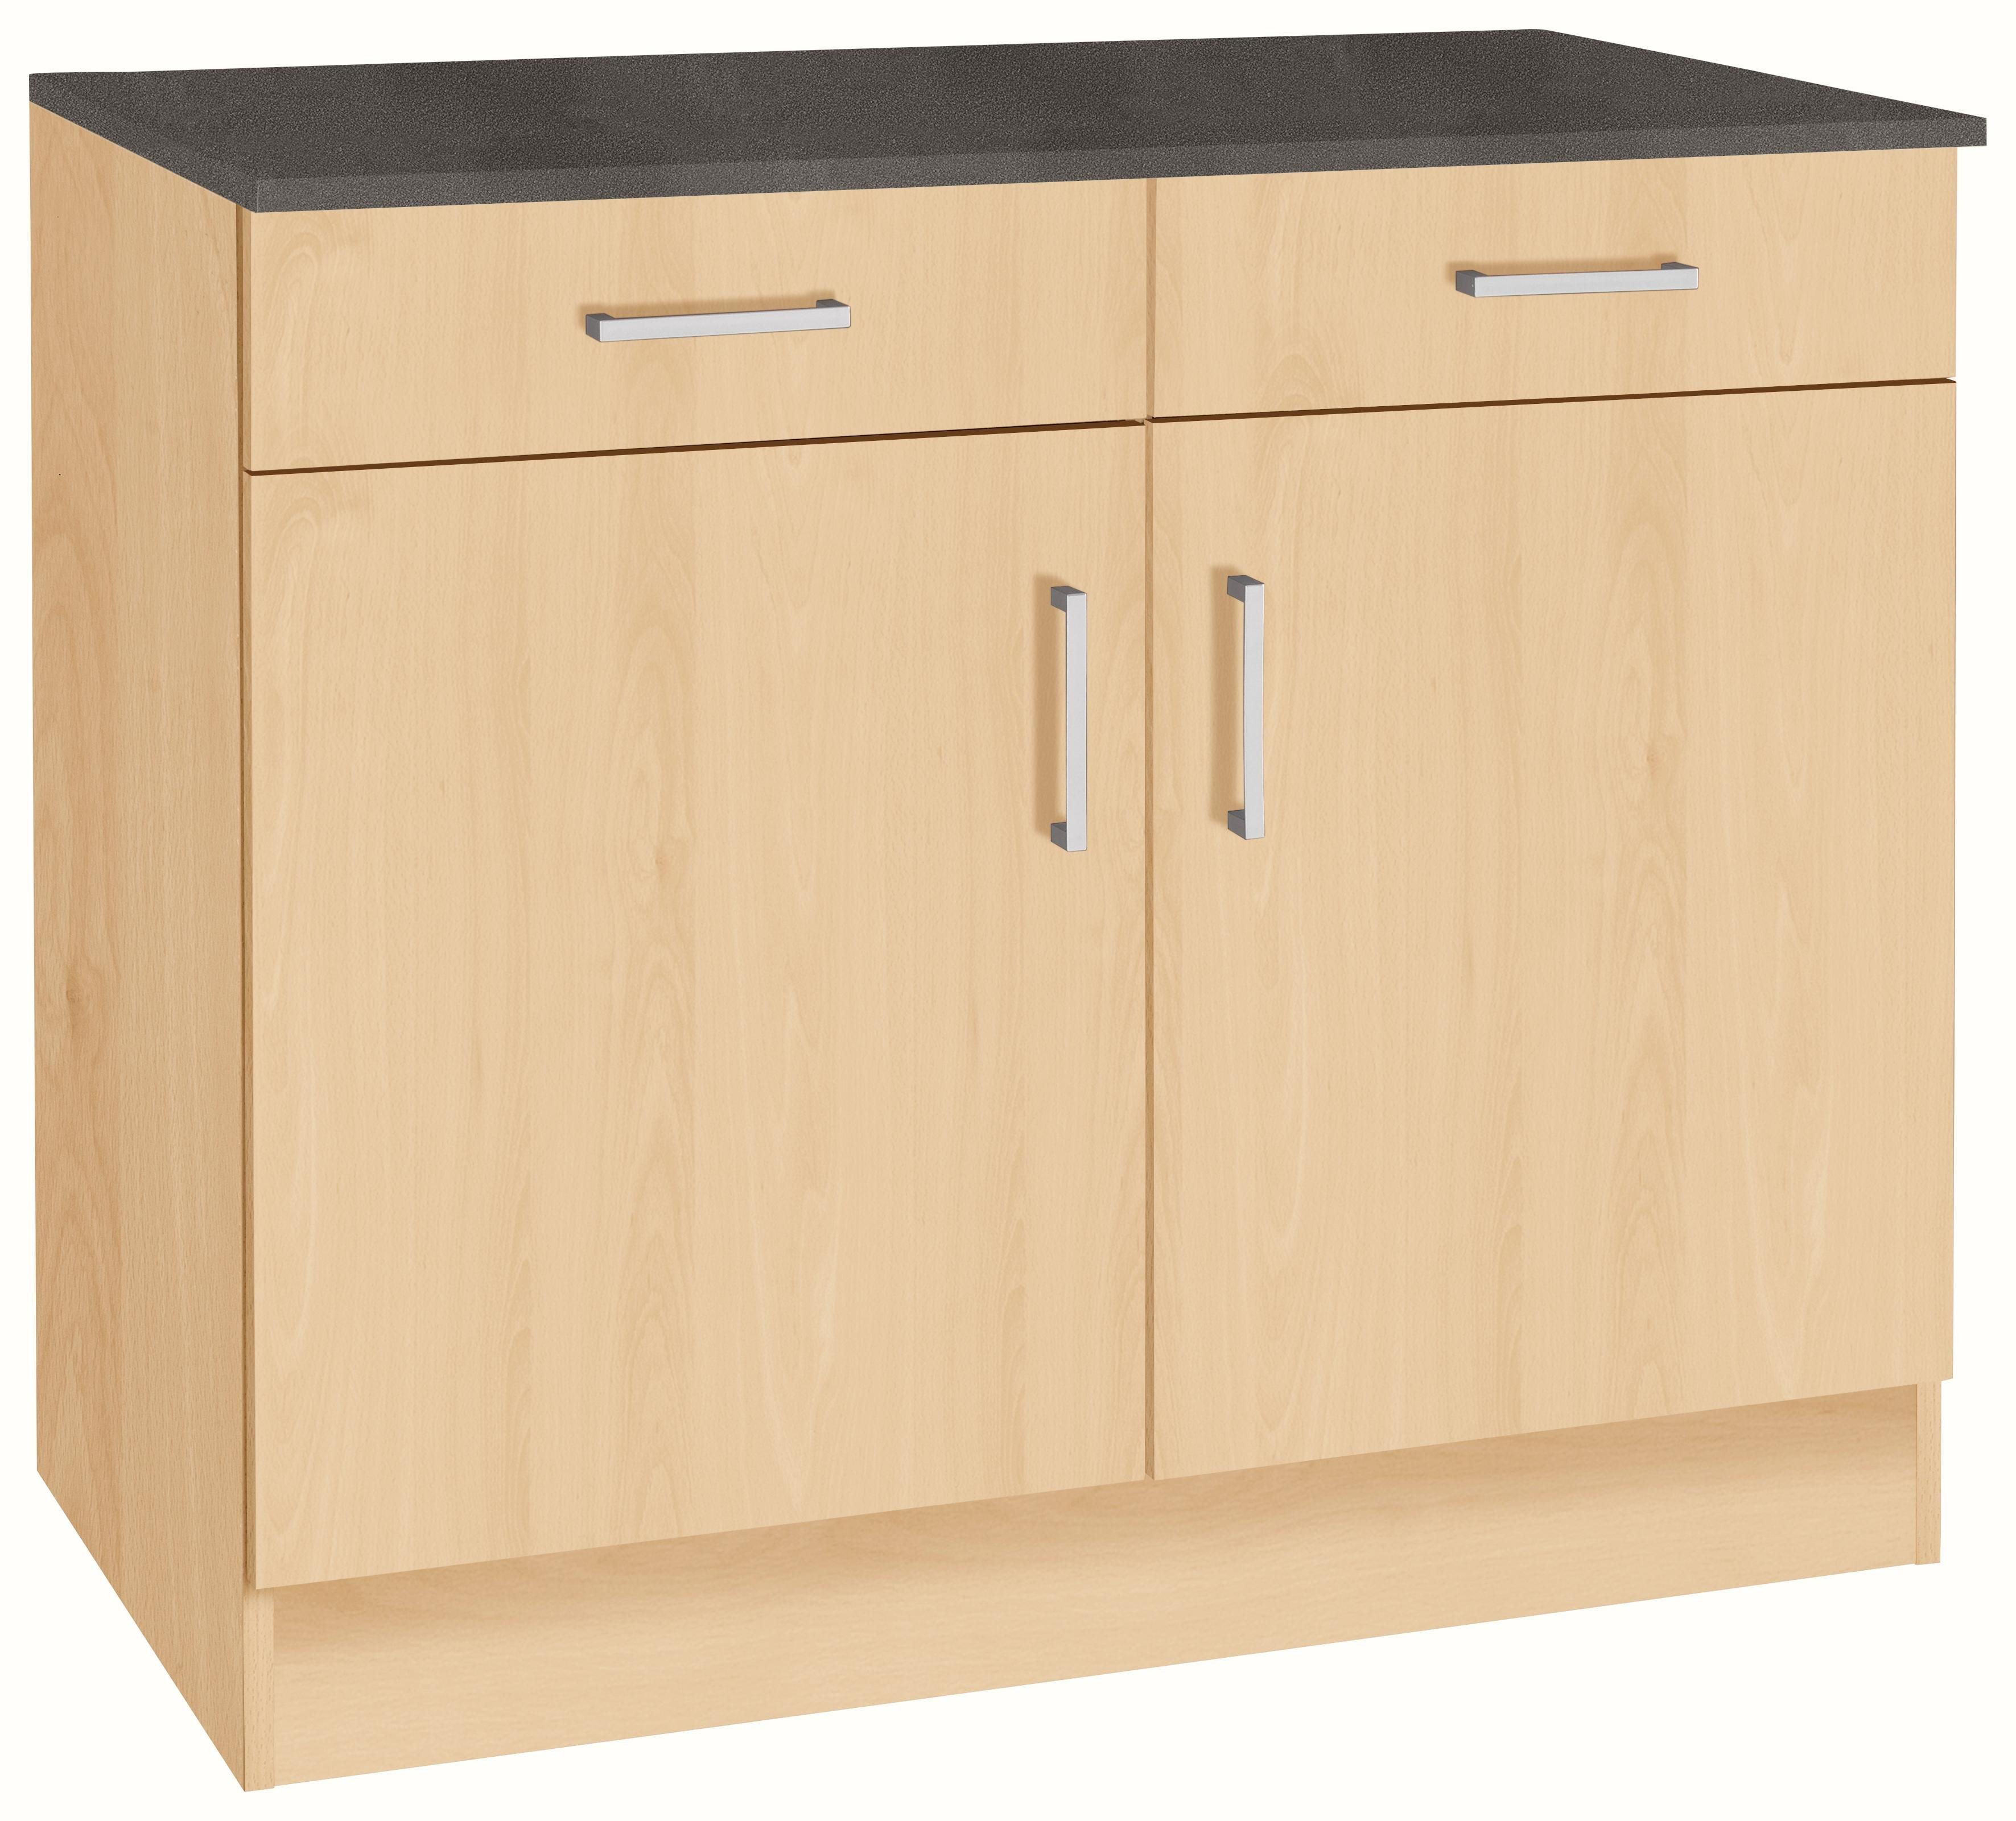 schwarz Küchen-Unterschränke online kaufen | Möbel-Suchmaschine ...